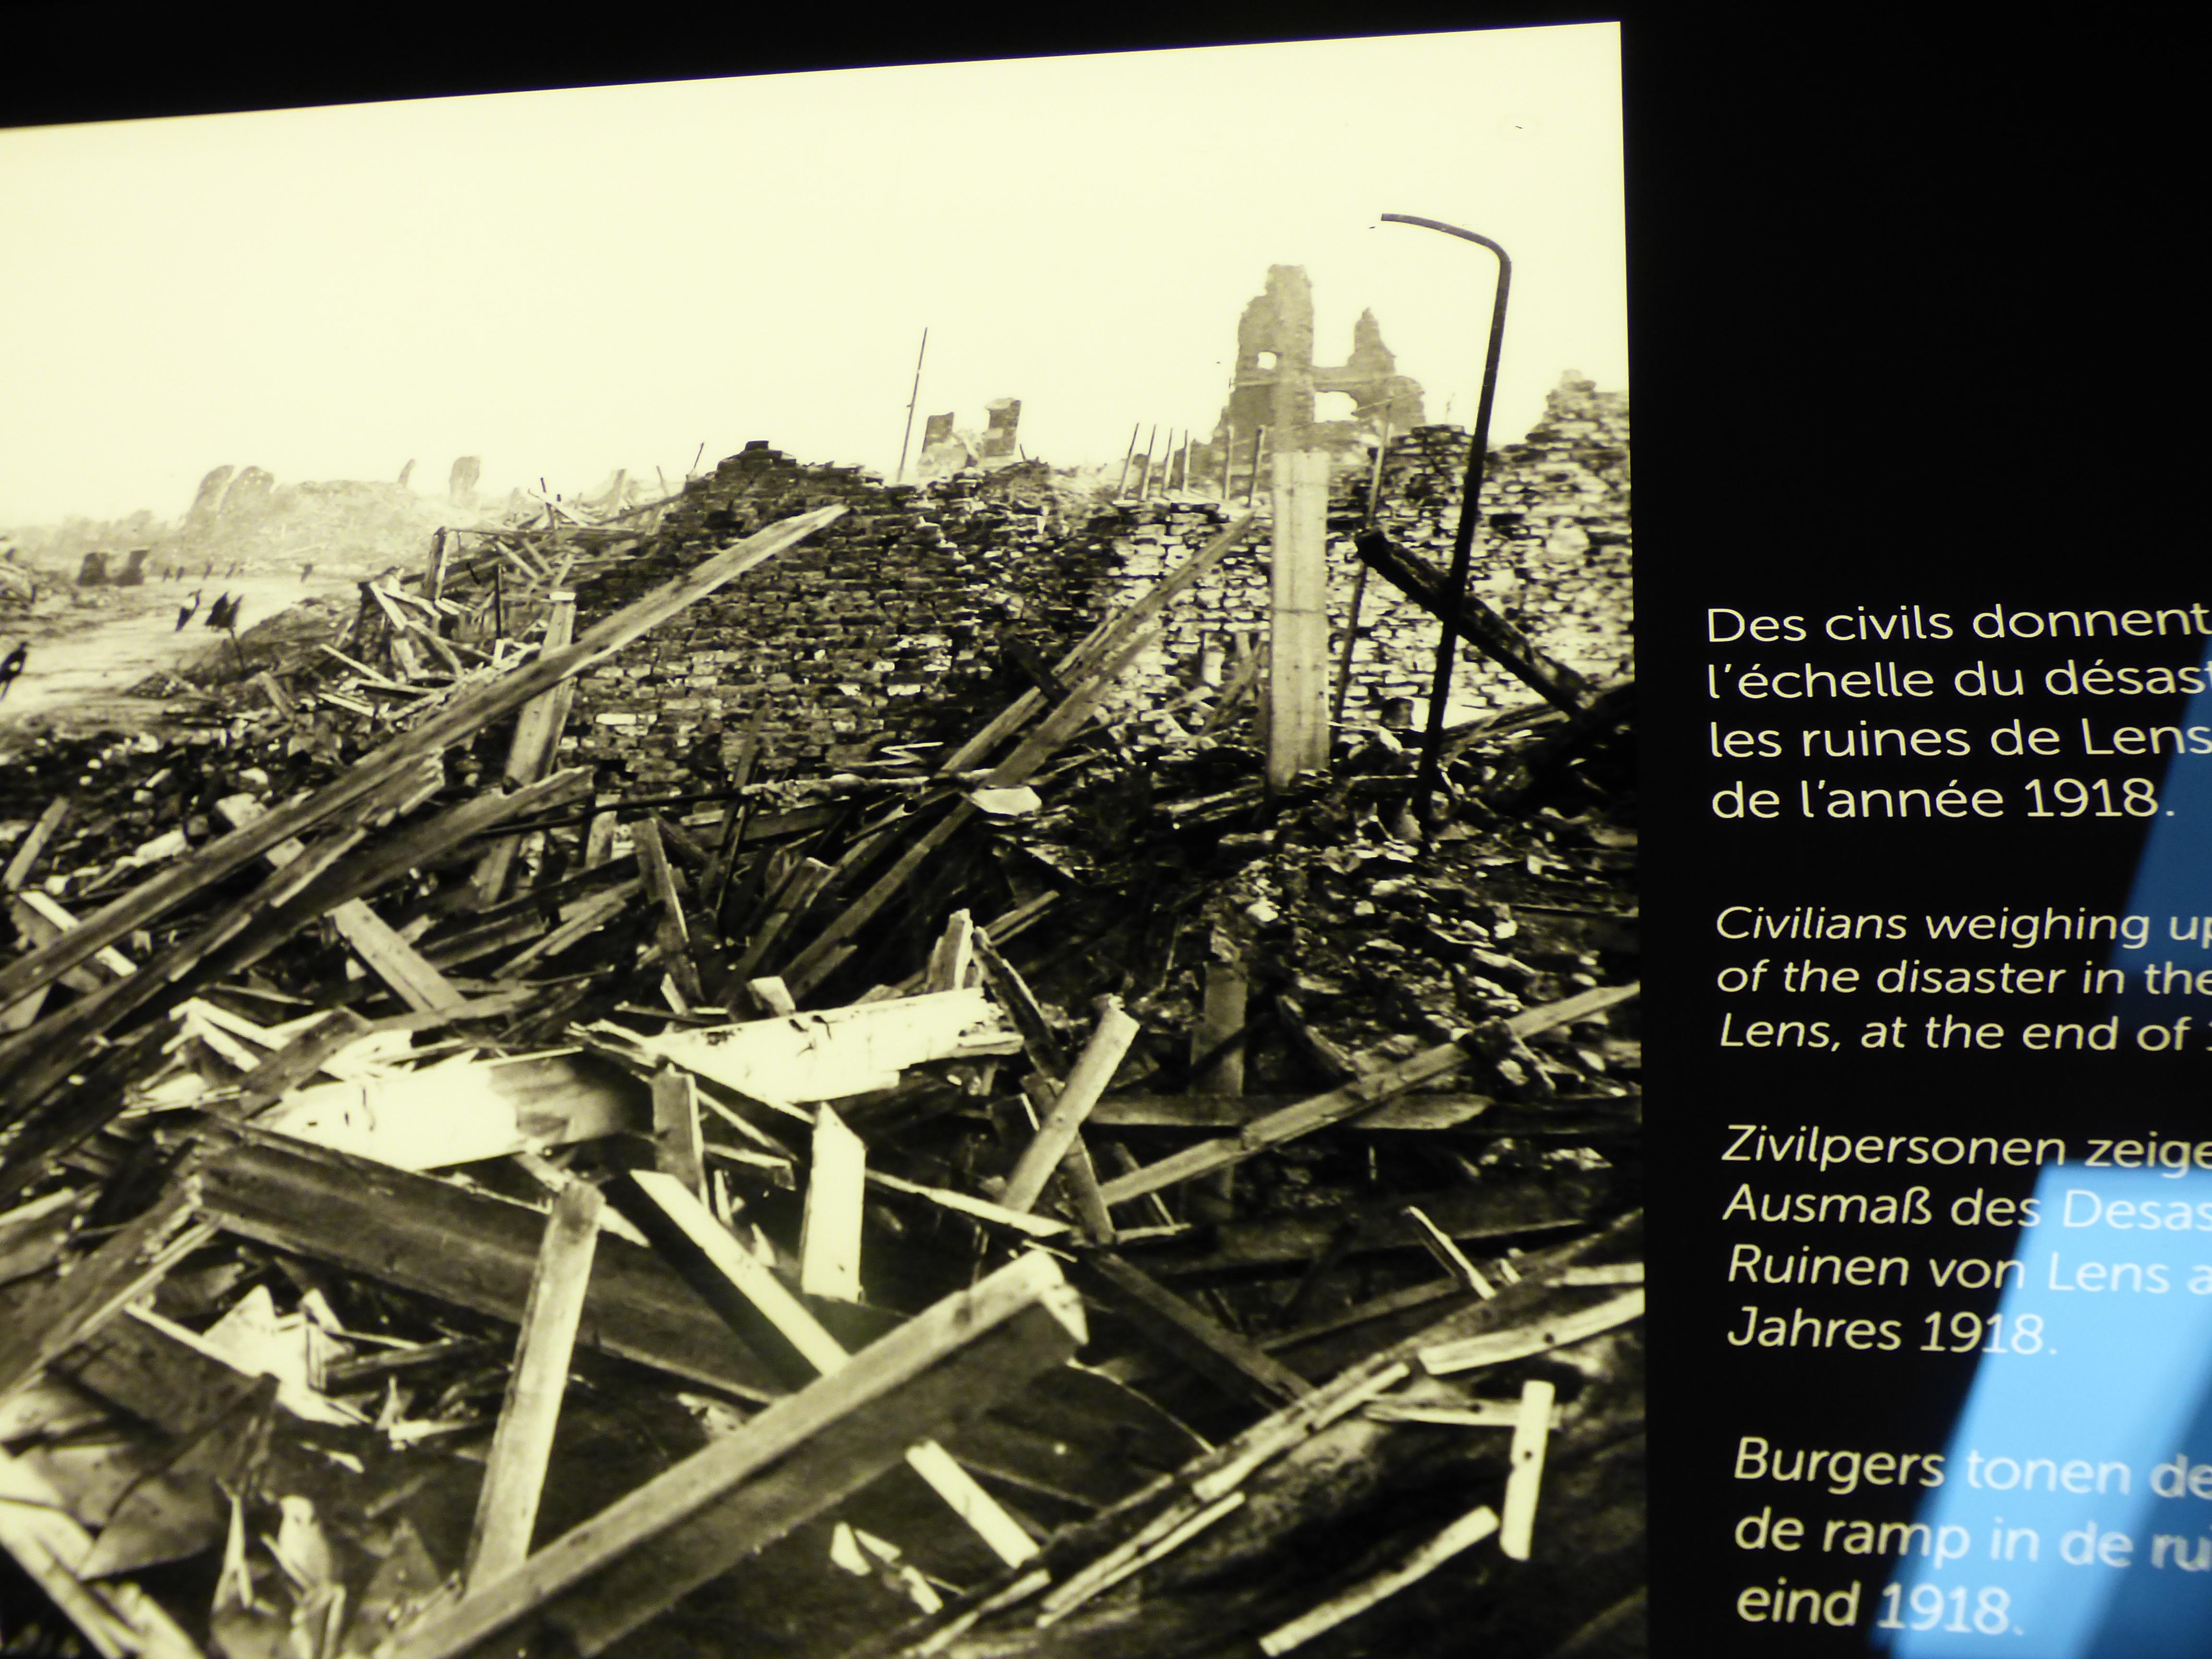 Lens en ruine après la Première guerre mondiale